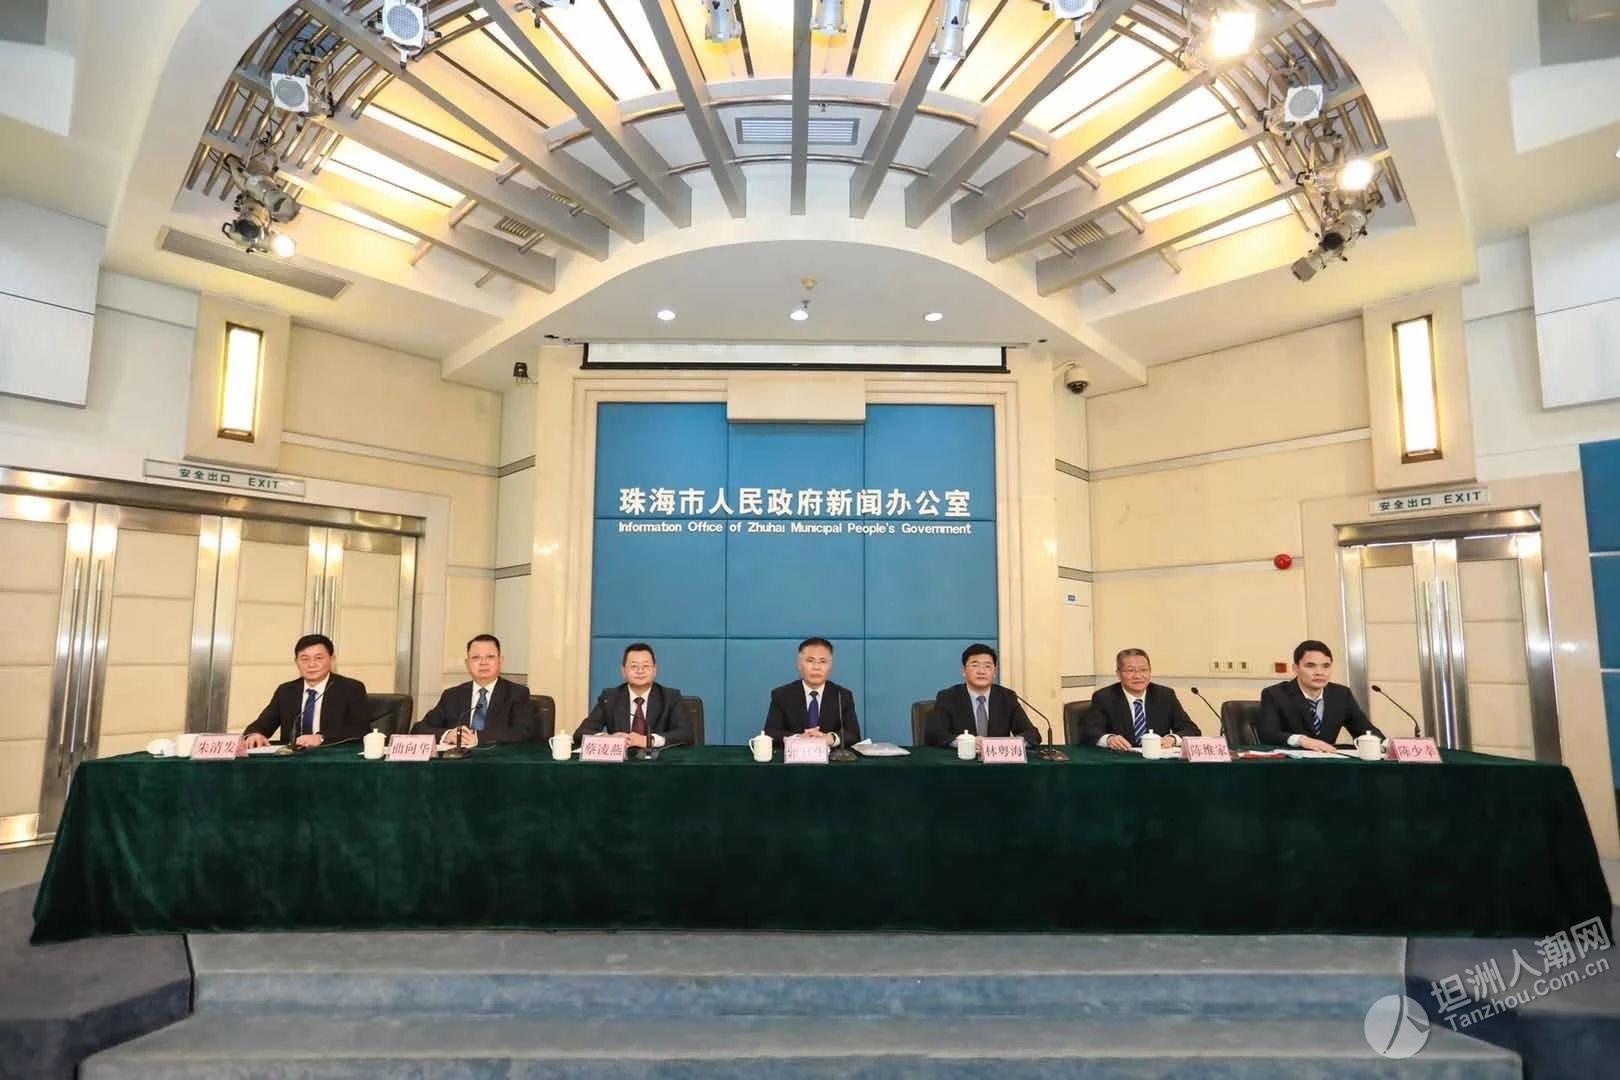 珠海地铁最新消息、洪鹤大桥收费模式…今天这场发布会都说了!